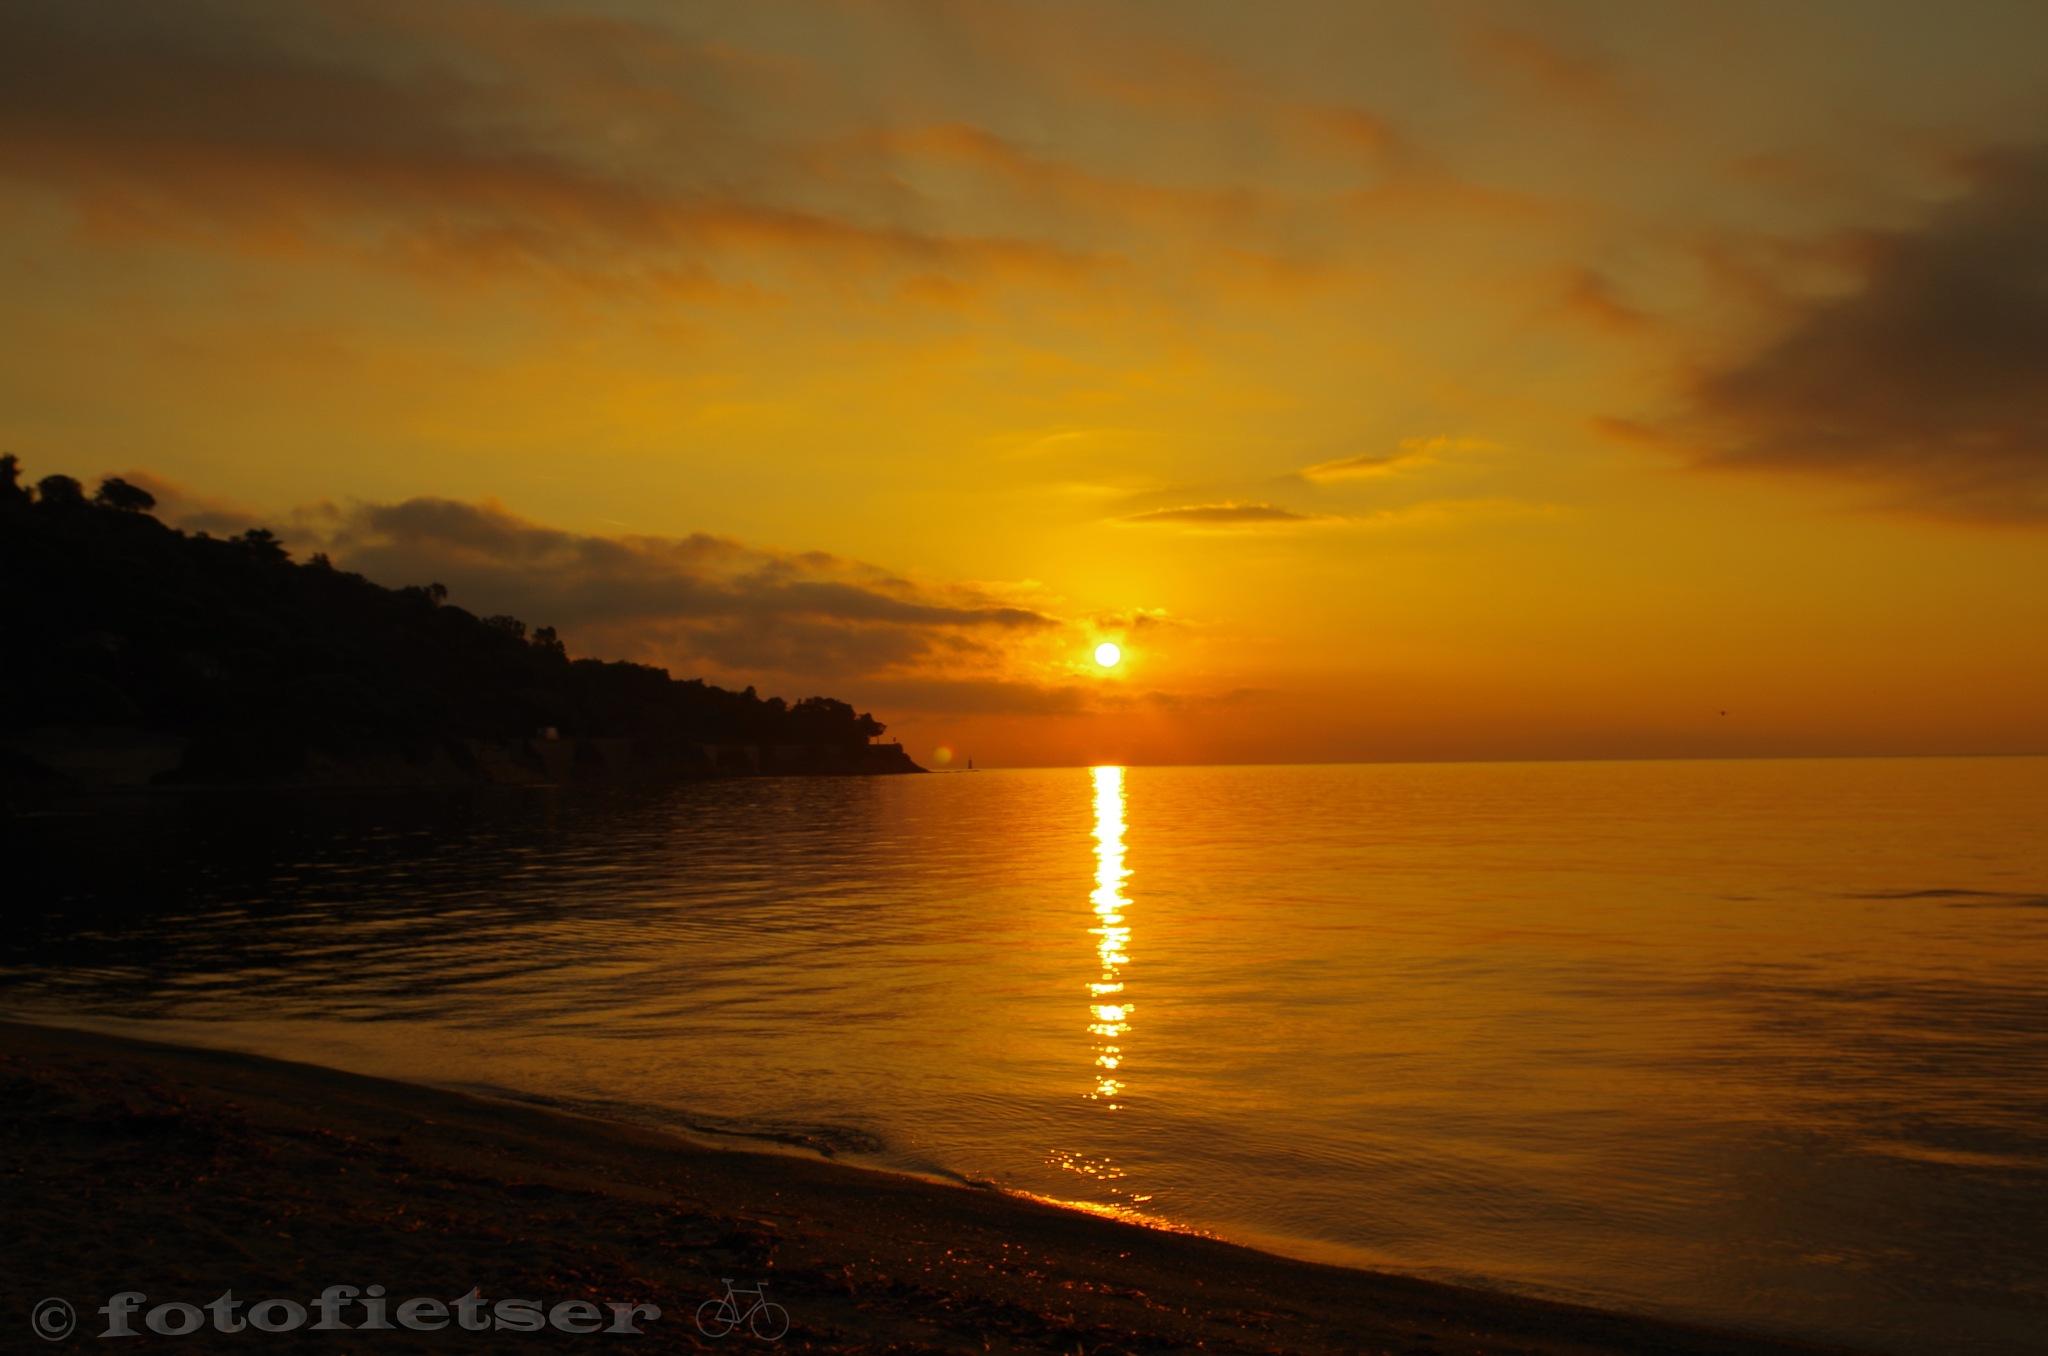 Sunrise at Golfe de Saint-Tropez by fotofietser